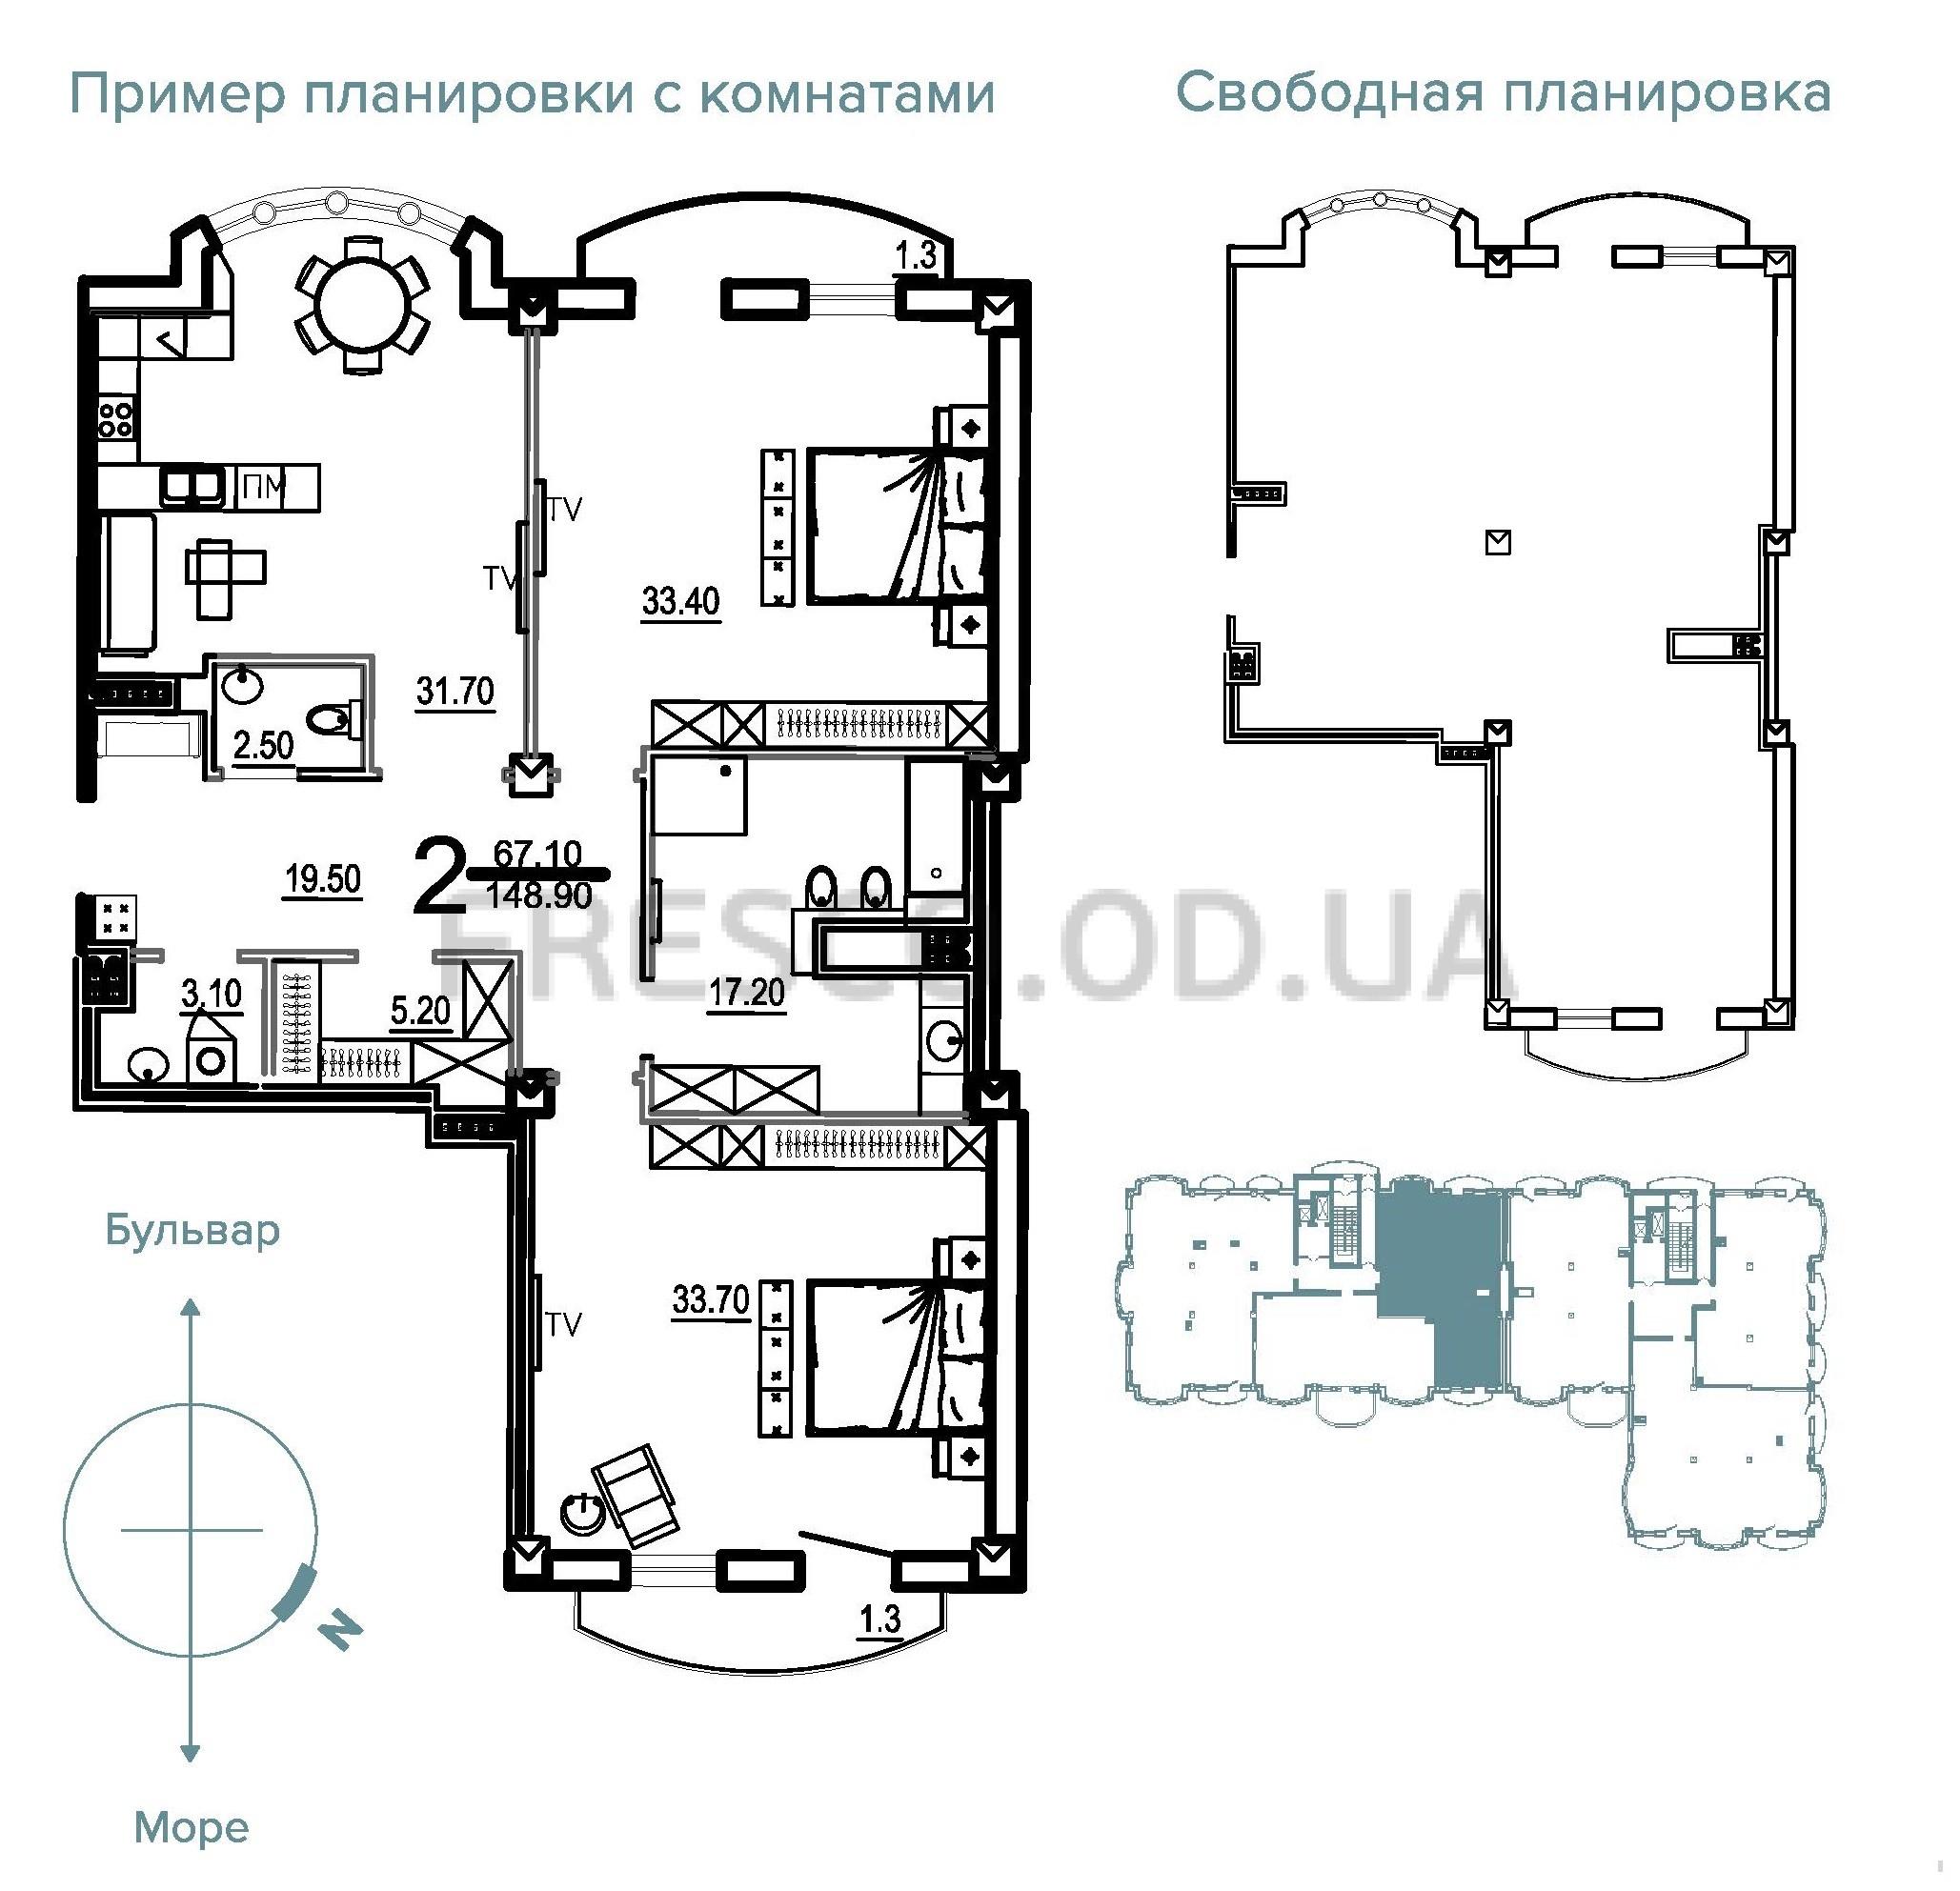 Двухкомнатная - Клубный Дом BIARRITZ (Биарриц)$268020Площадь:148,9m²